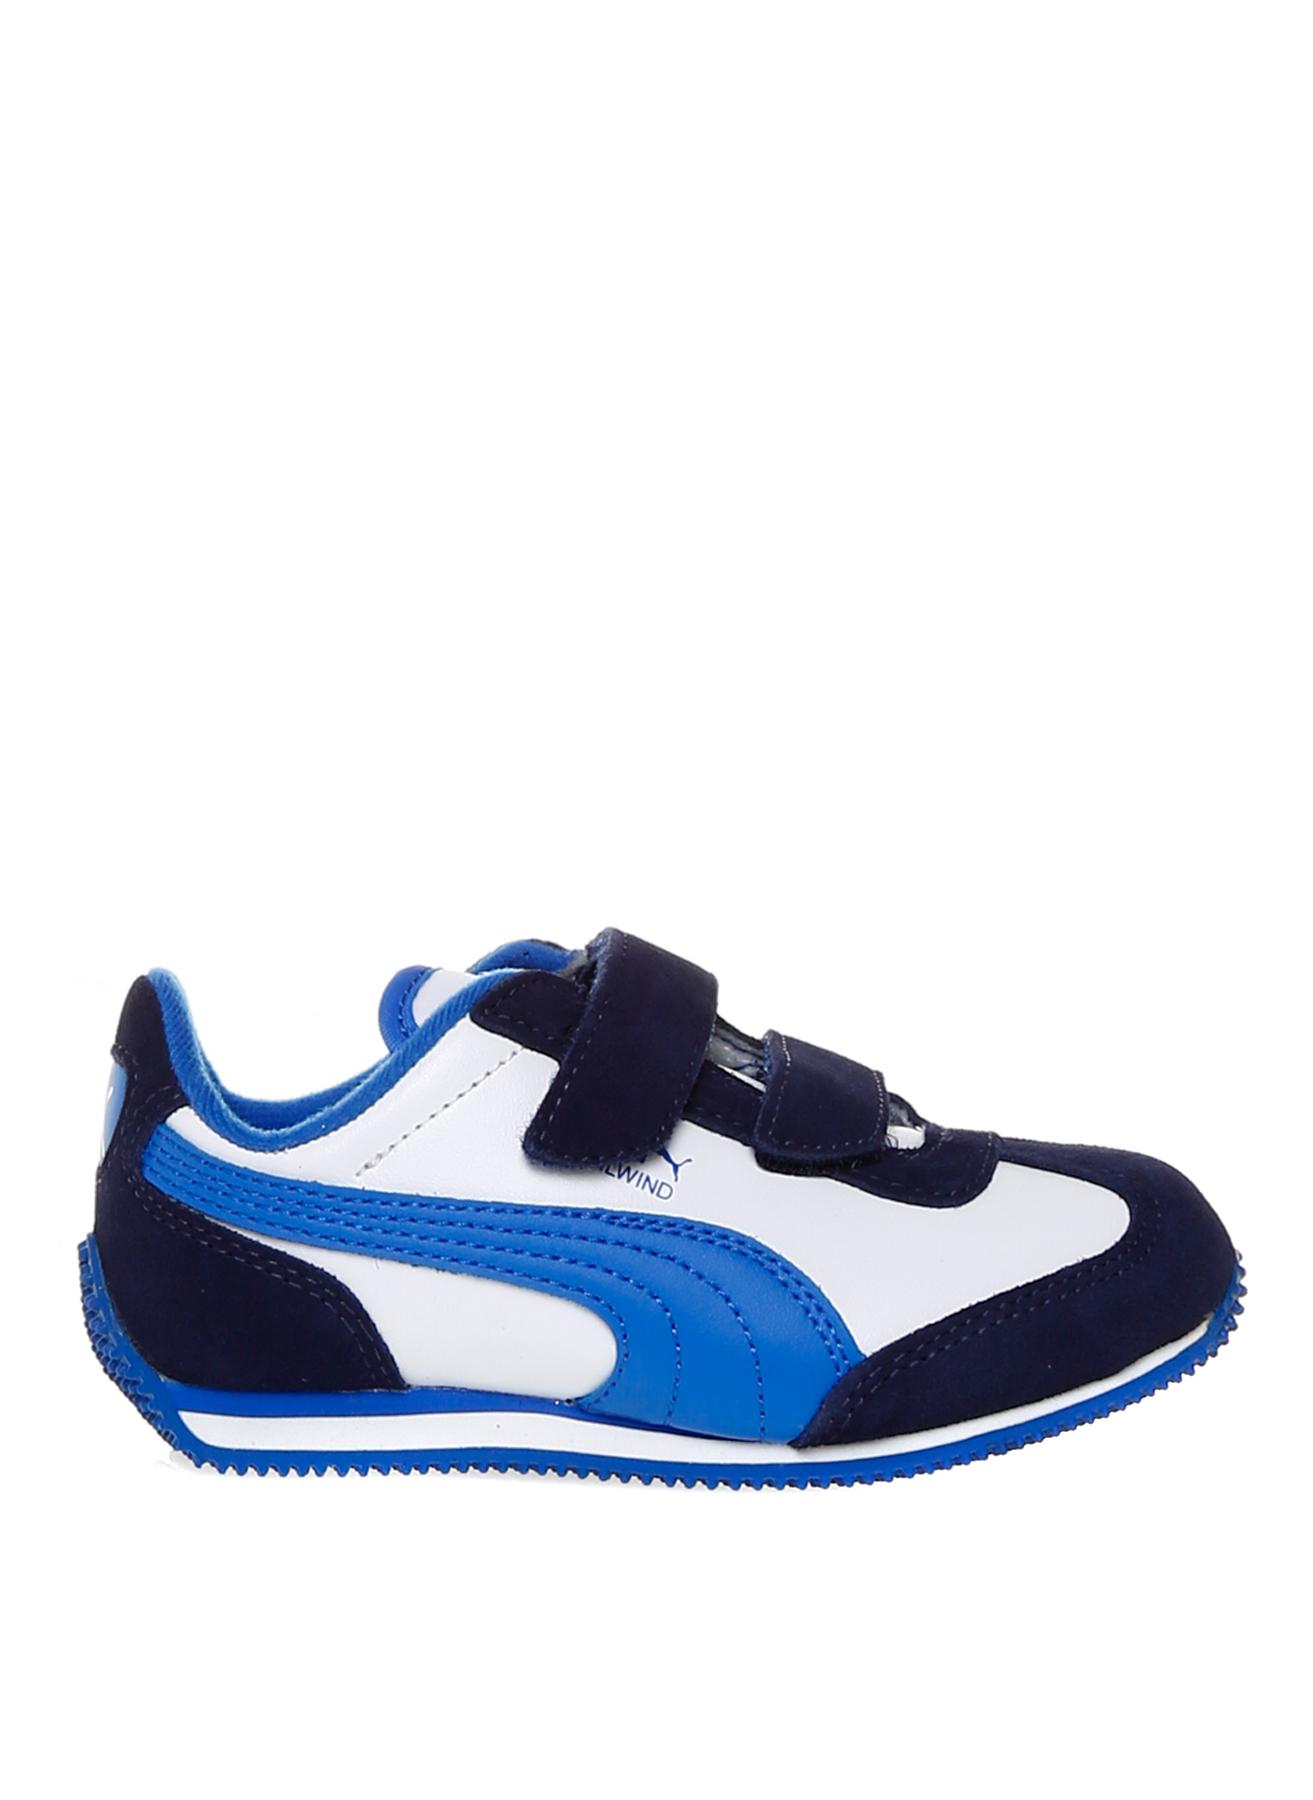 Puma Yürüyüş Ayakkabısı 32 5001697545008 Ürün Resmi